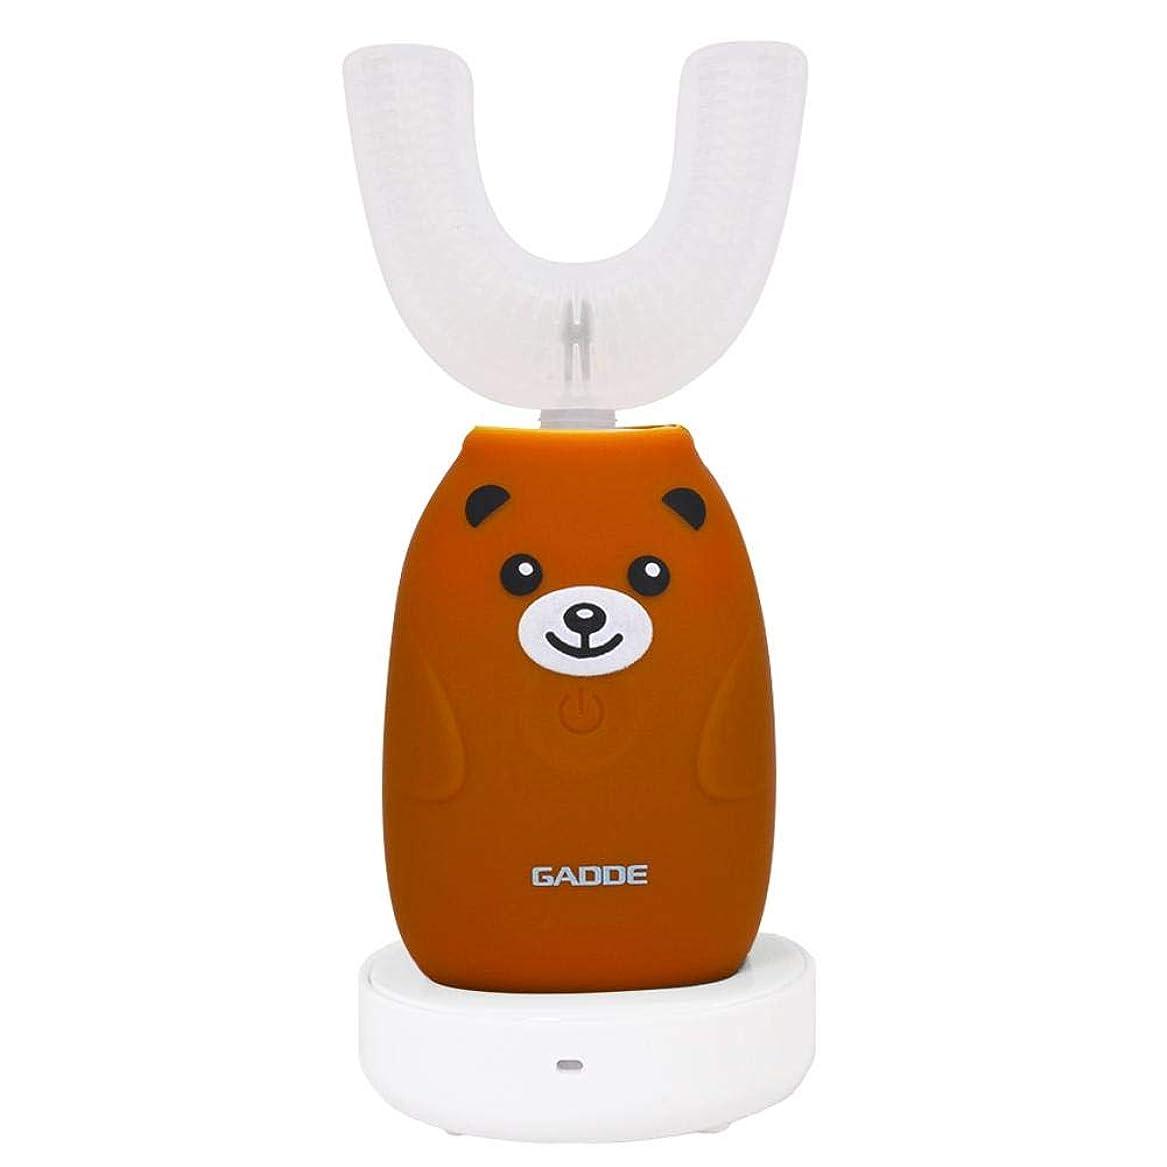 素晴らしさ類推凝視子供の電動歯ブラシ、漫画のBlu - ray 360°U字型ソフトシリコーン電動歯ブラシ防水ワイヤレス充電口腔クリーナーブラシ2-12年の子供のための